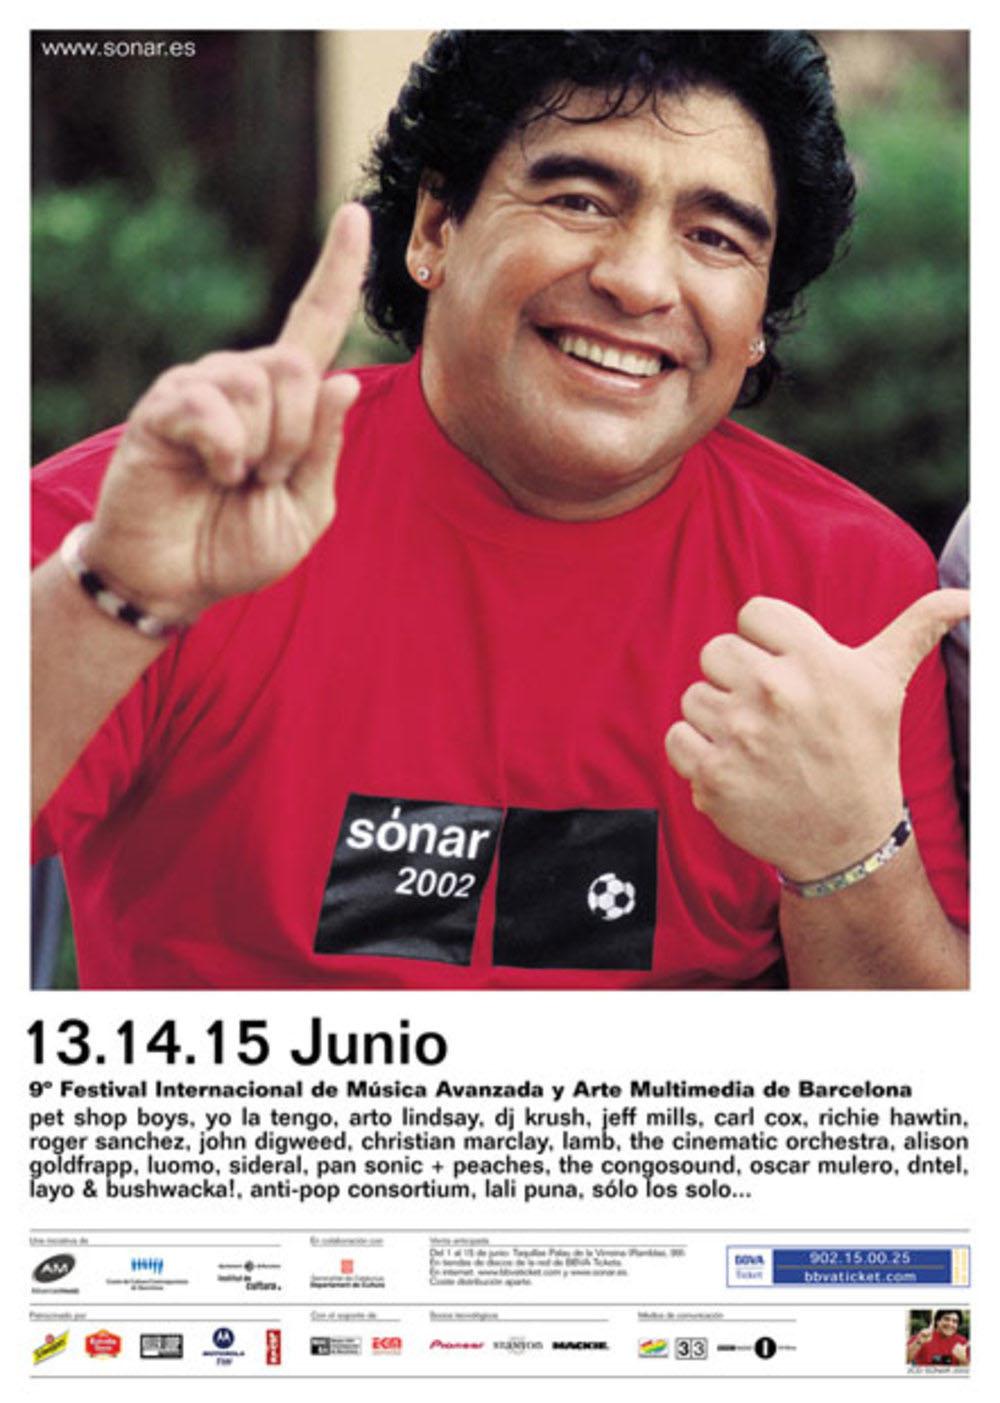 Cartel promocional de Sónar 2002